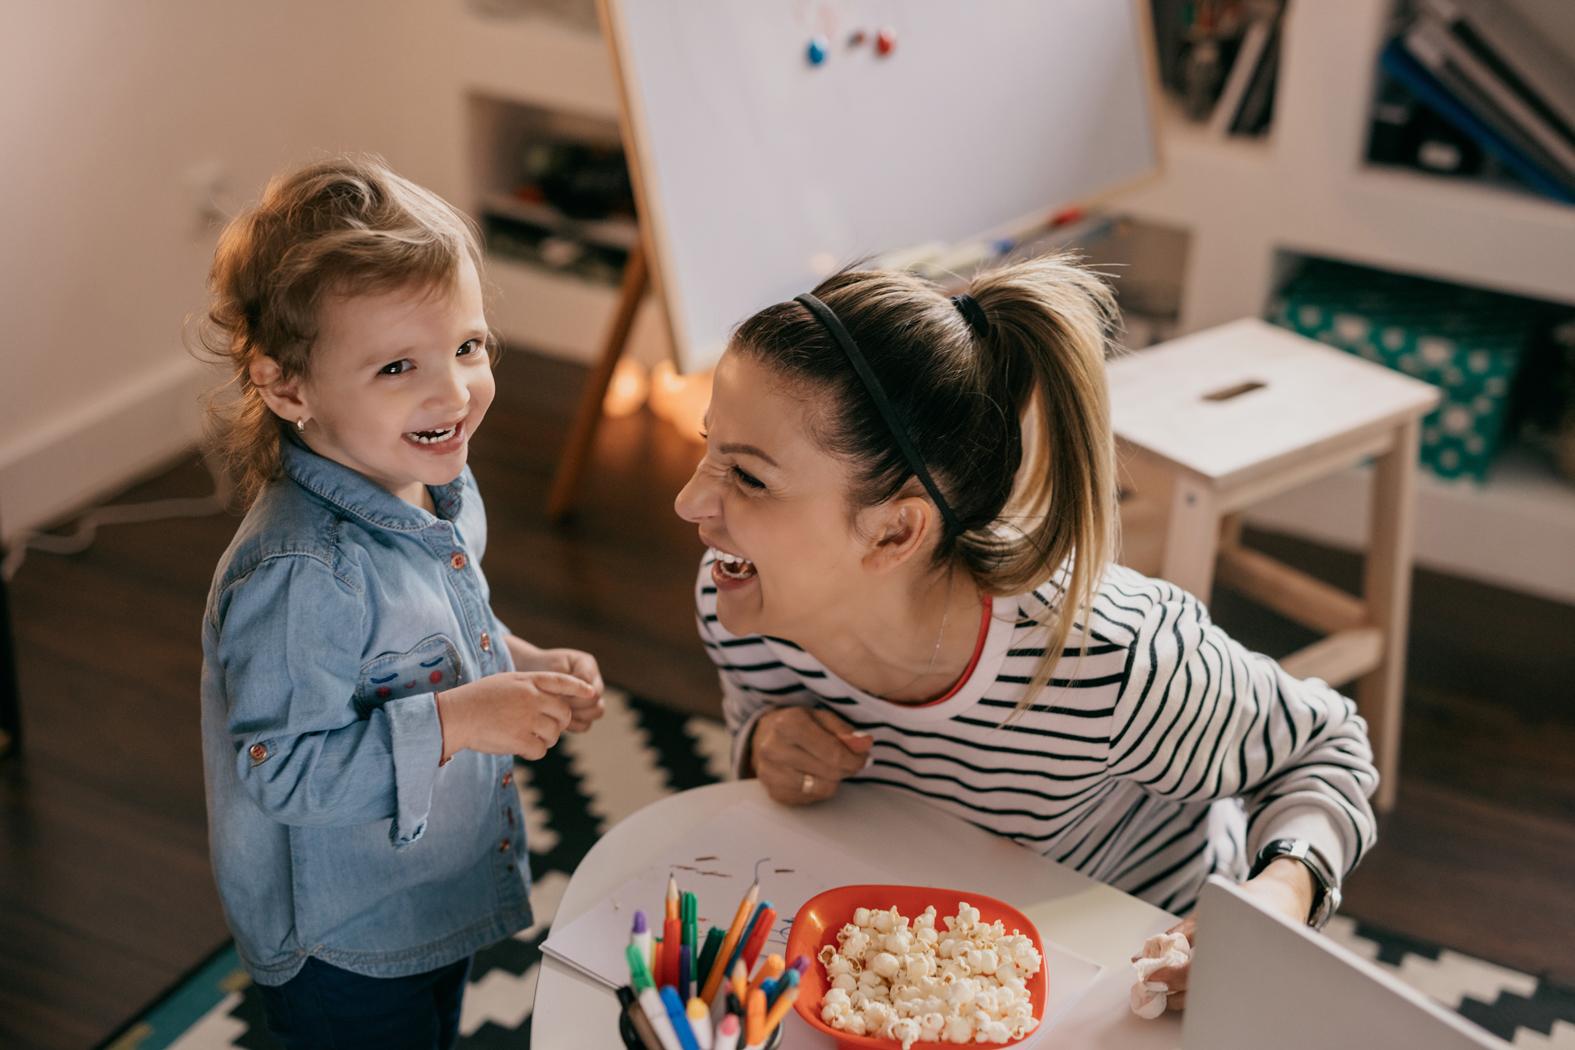 Plano de Saúde Familiar: tire todas as suas dúvidas antes de contratar